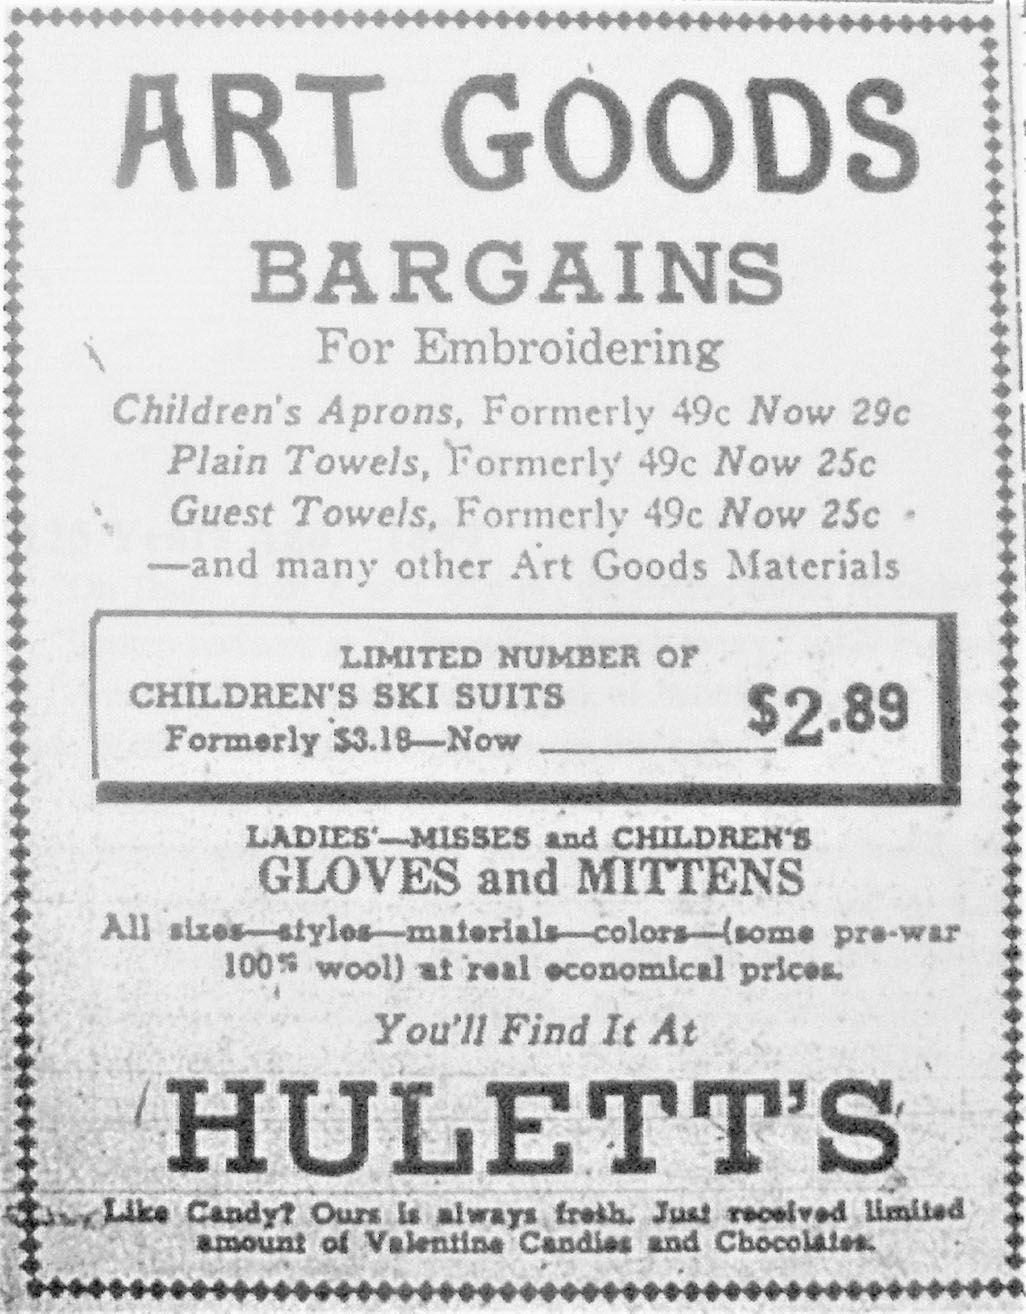 Hulett's